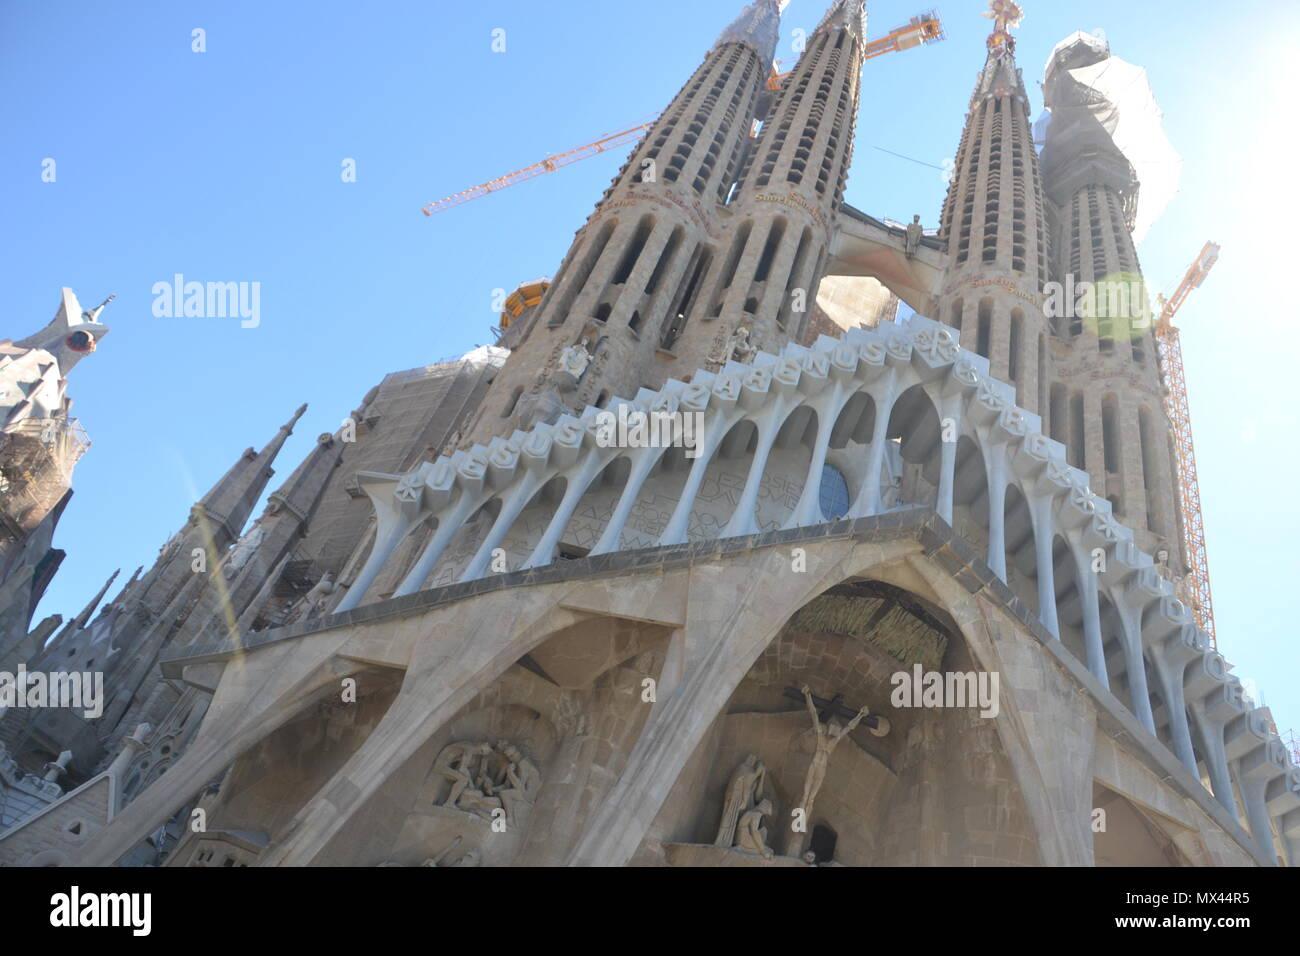 Vista de la Fachada de la Pasión de la Basílica de la Sagrada Familia en Barcelona Stock Photo